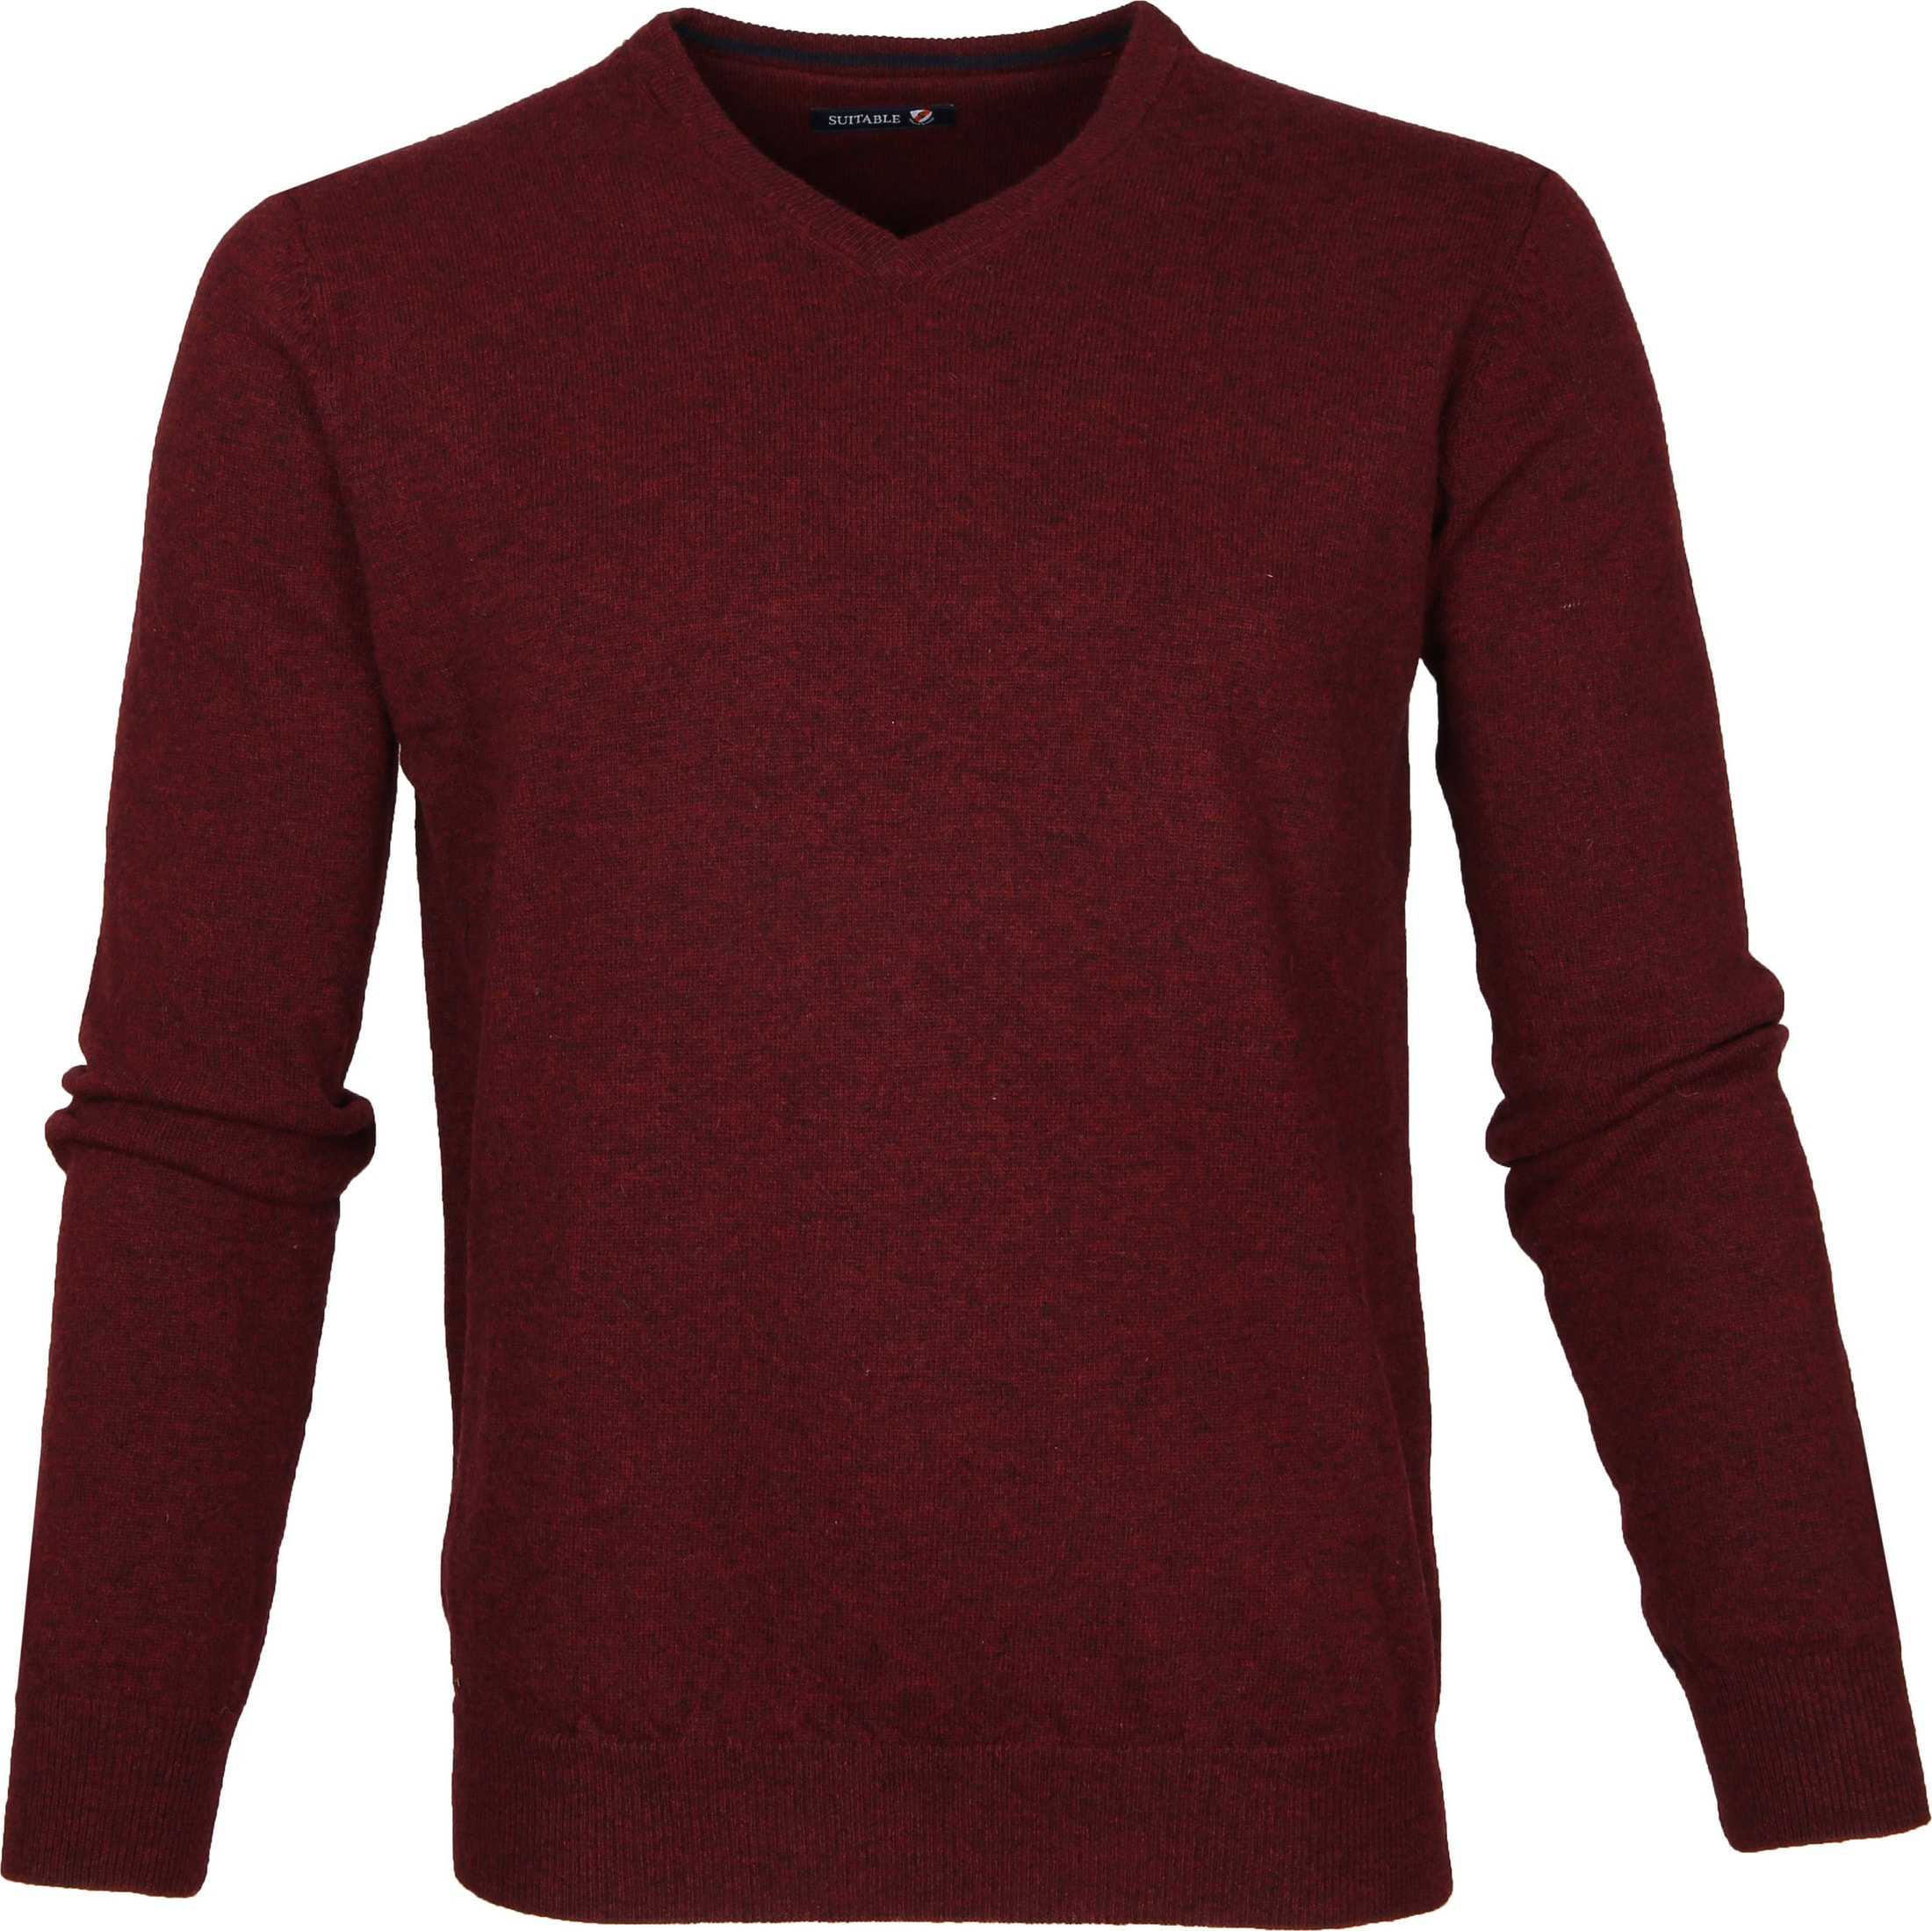 Suitable Pullover Lammwolle V-Ausschnitt Bordeaux foto 0